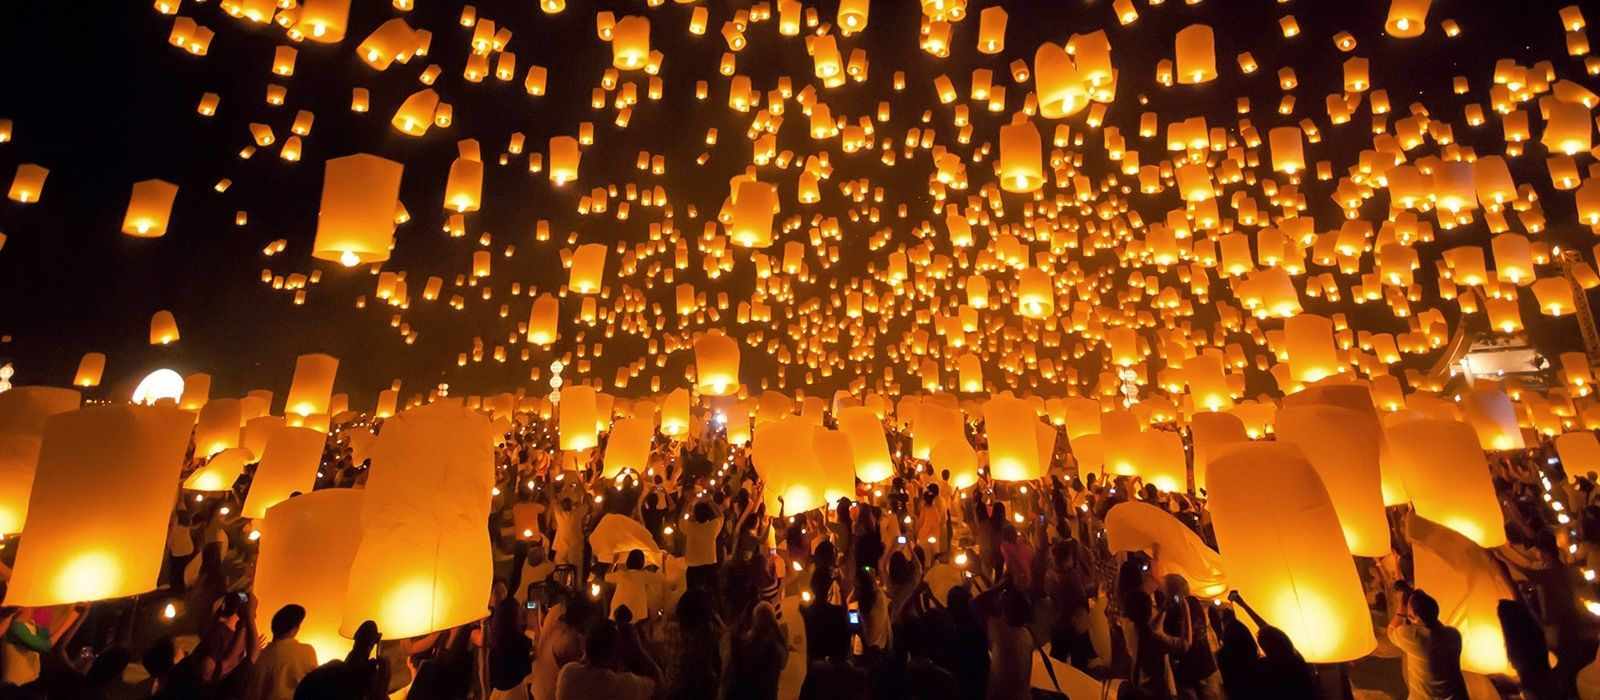 Staunen, shoppen und sonnen in Thailand Urlaub 6